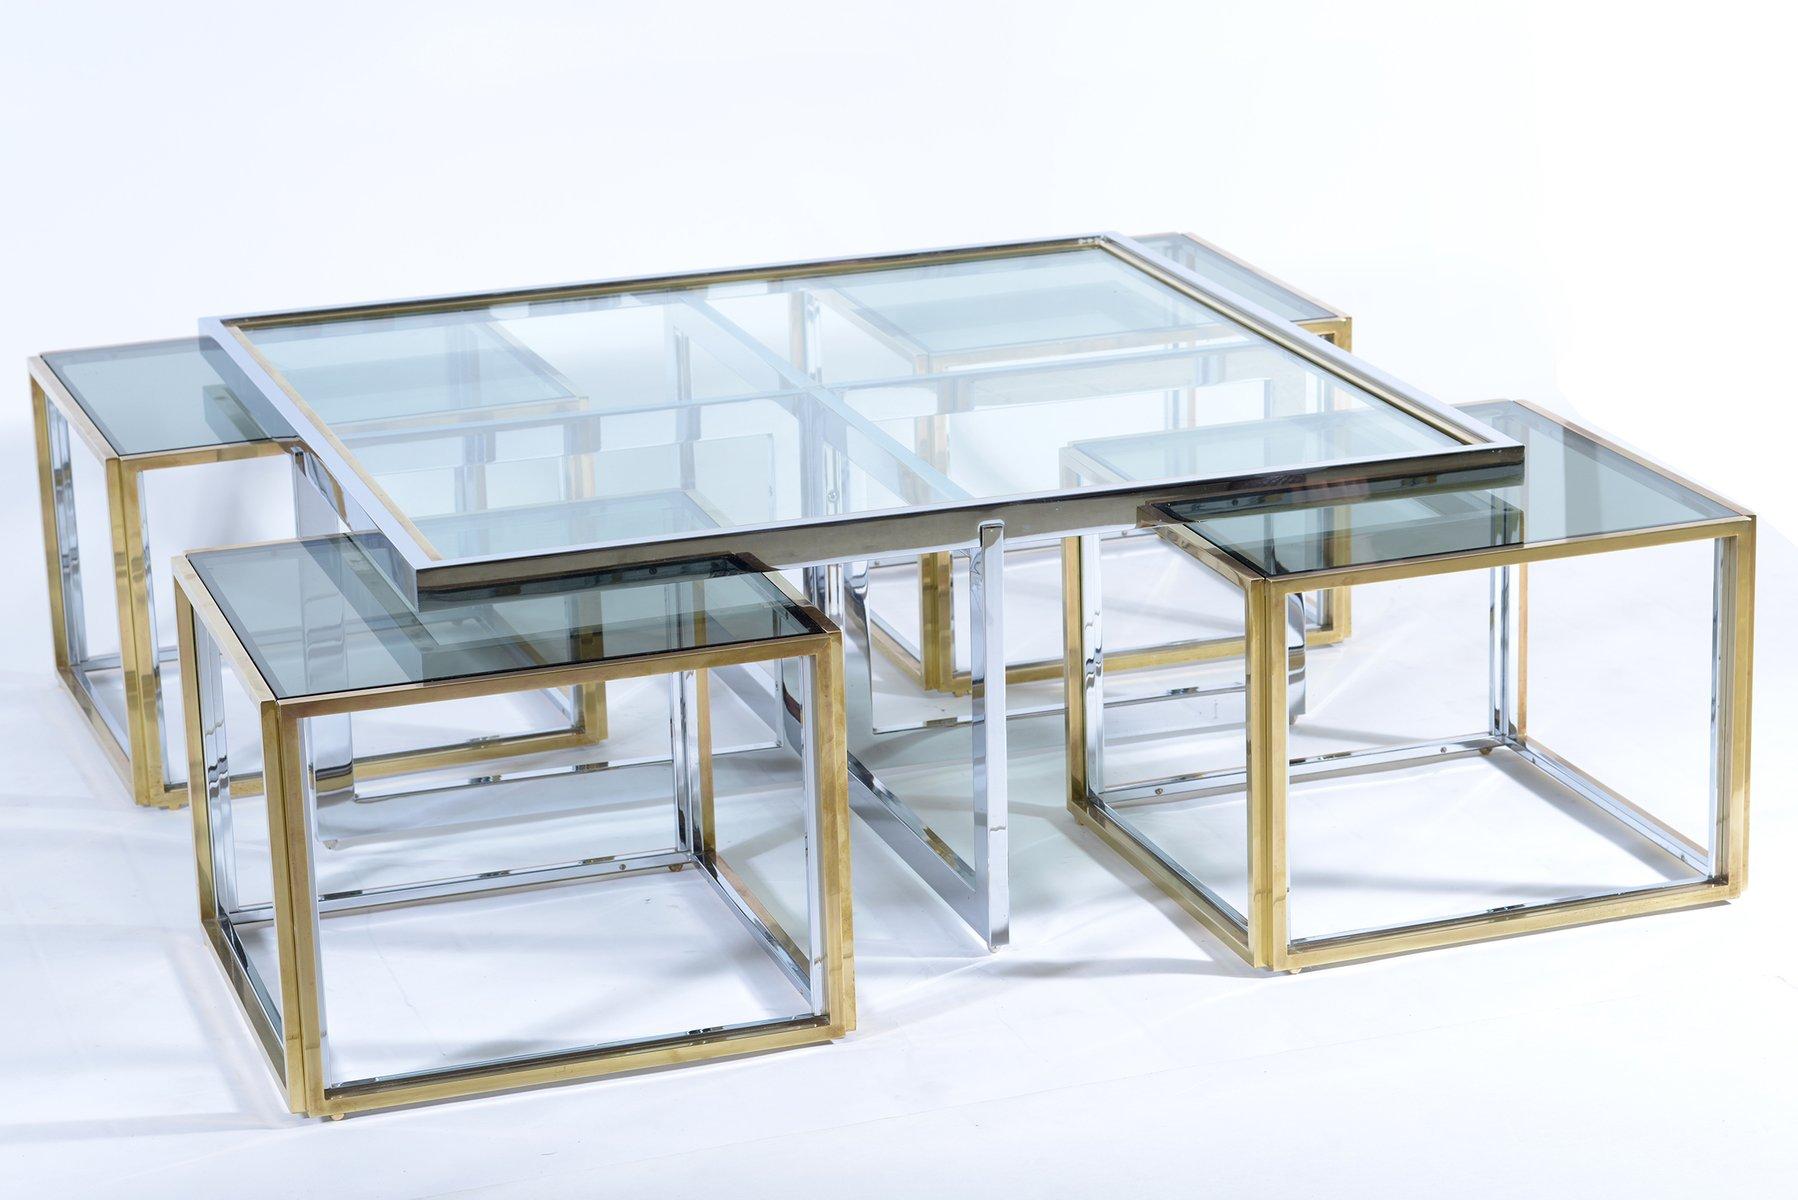 italienischer messing glas couchtisch mit satztischen. Black Bedroom Furniture Sets. Home Design Ideas